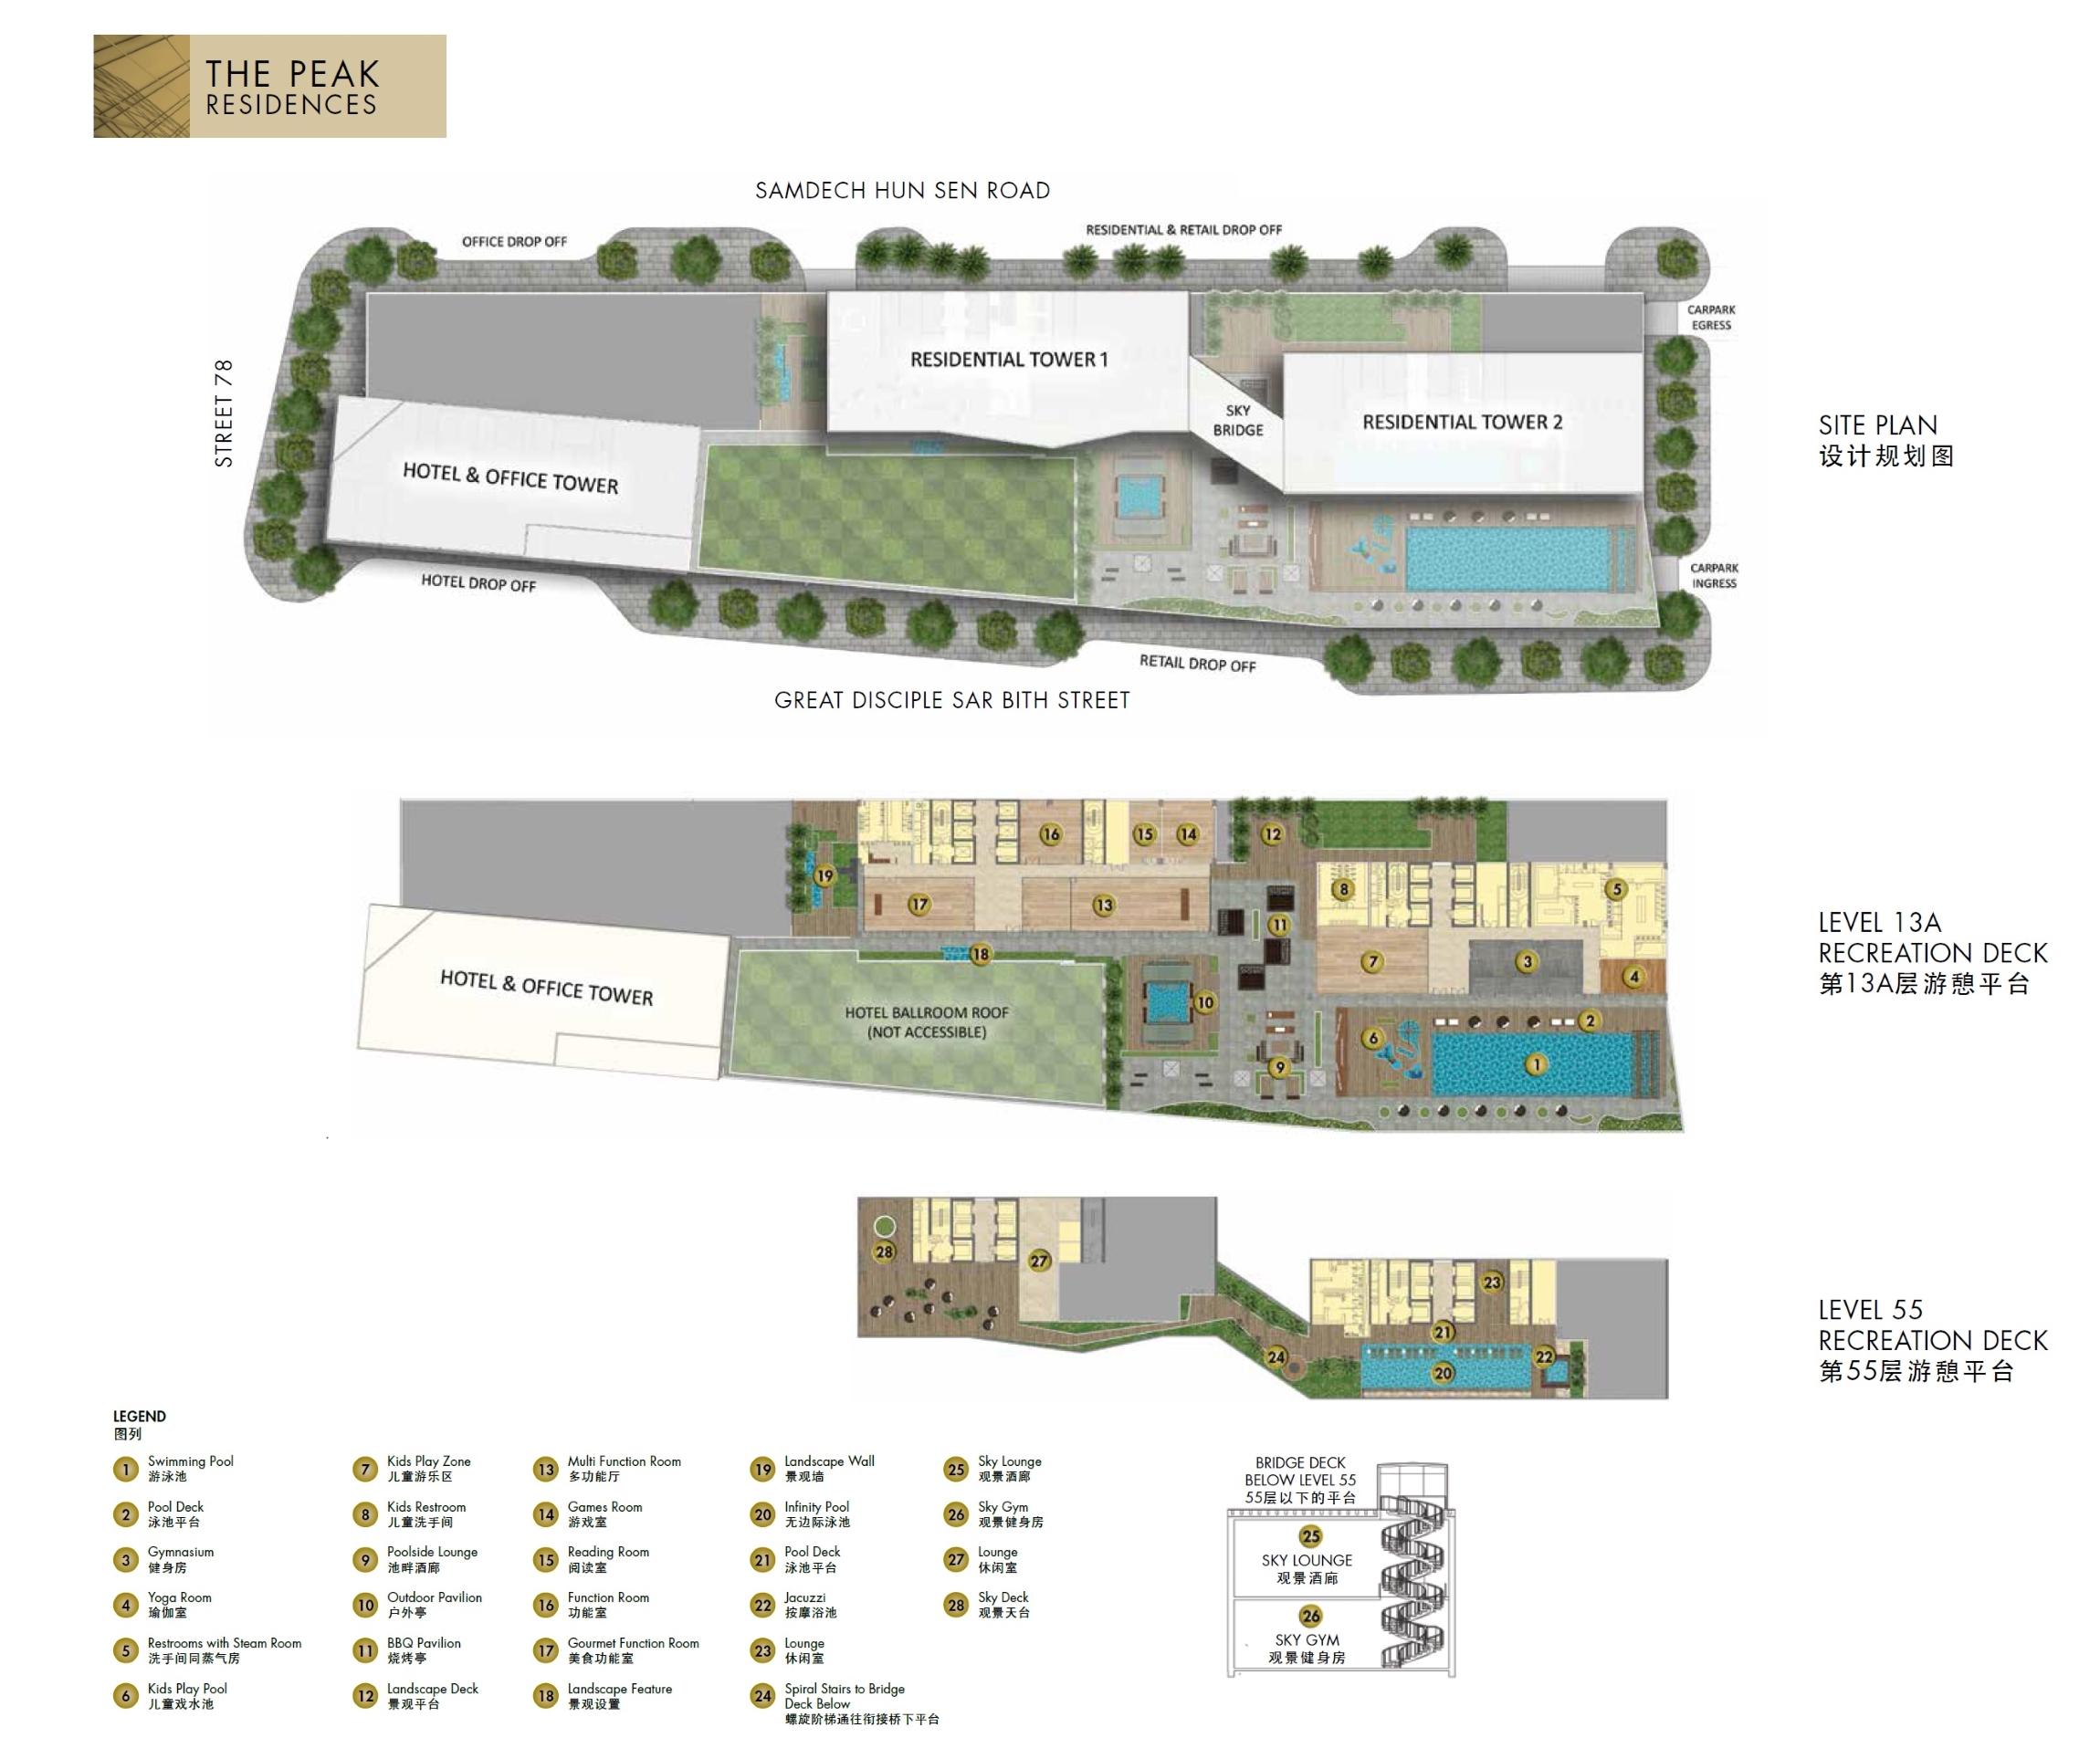 The Peak Office @ Cambodia site plan